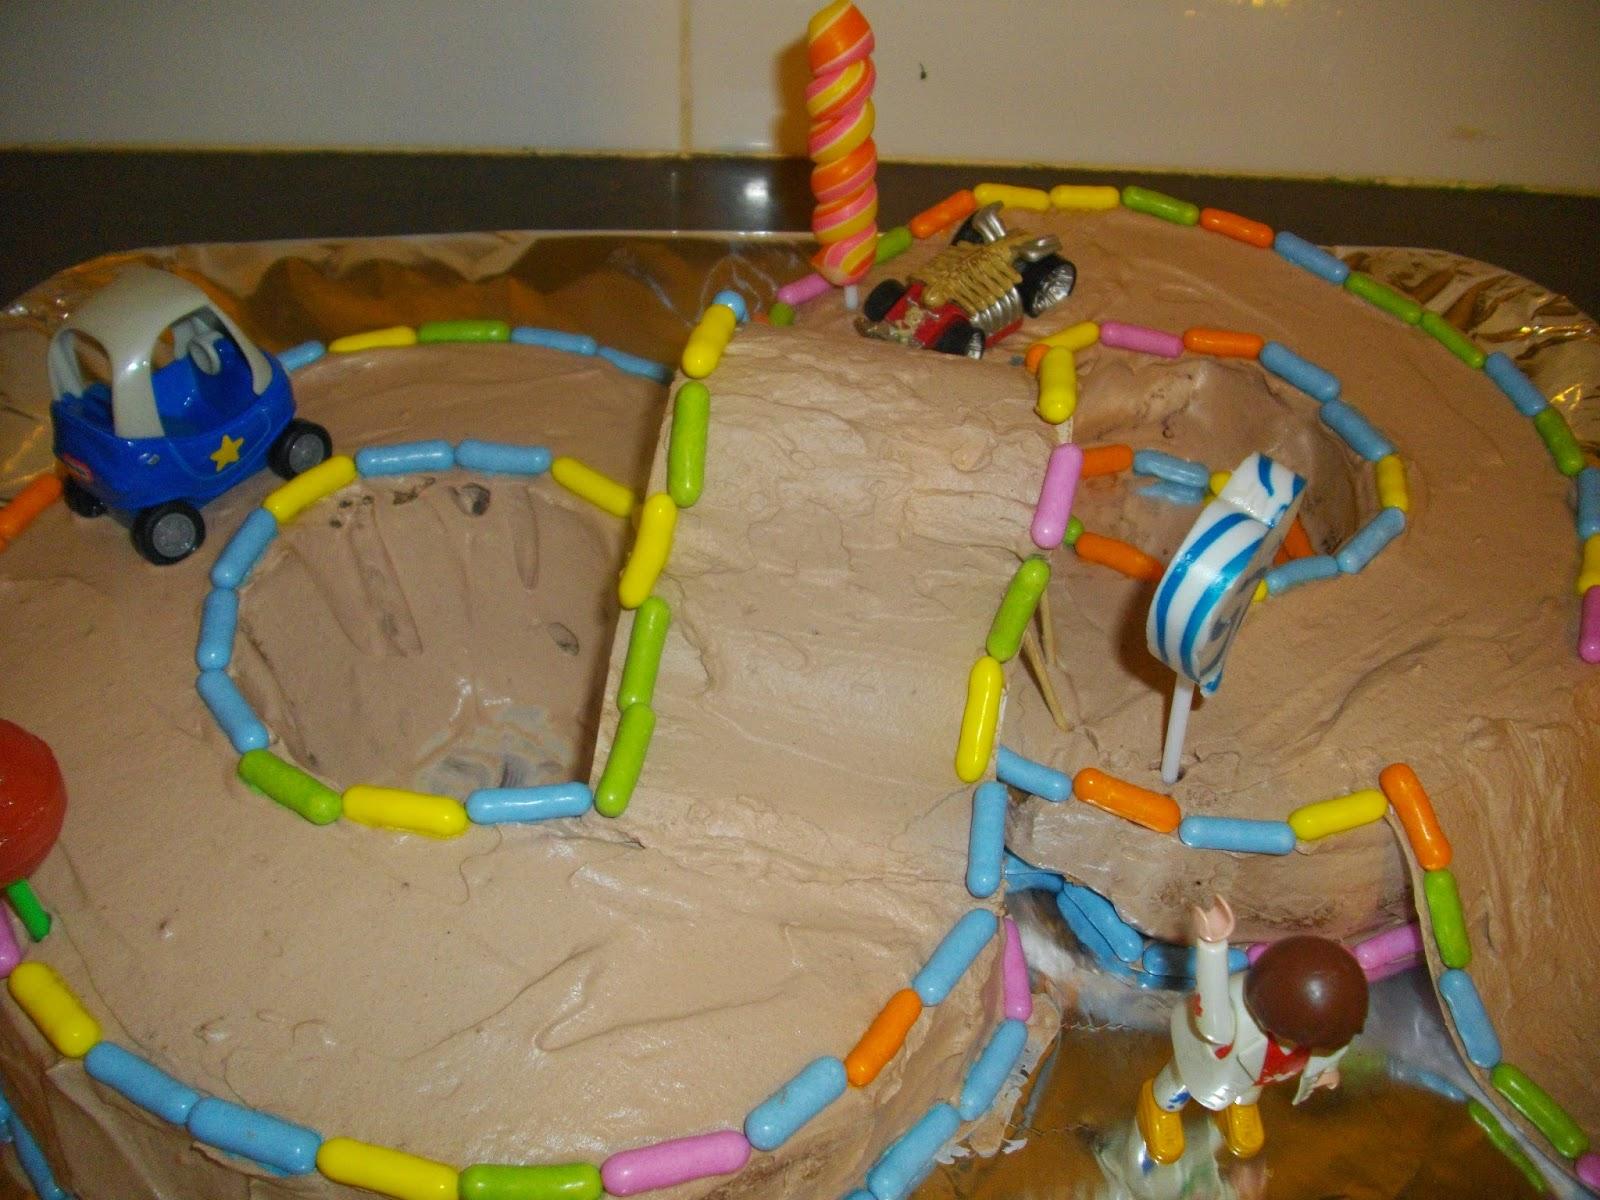 IMGP5063 - עוגת יומולדת מרוץ מכוניות